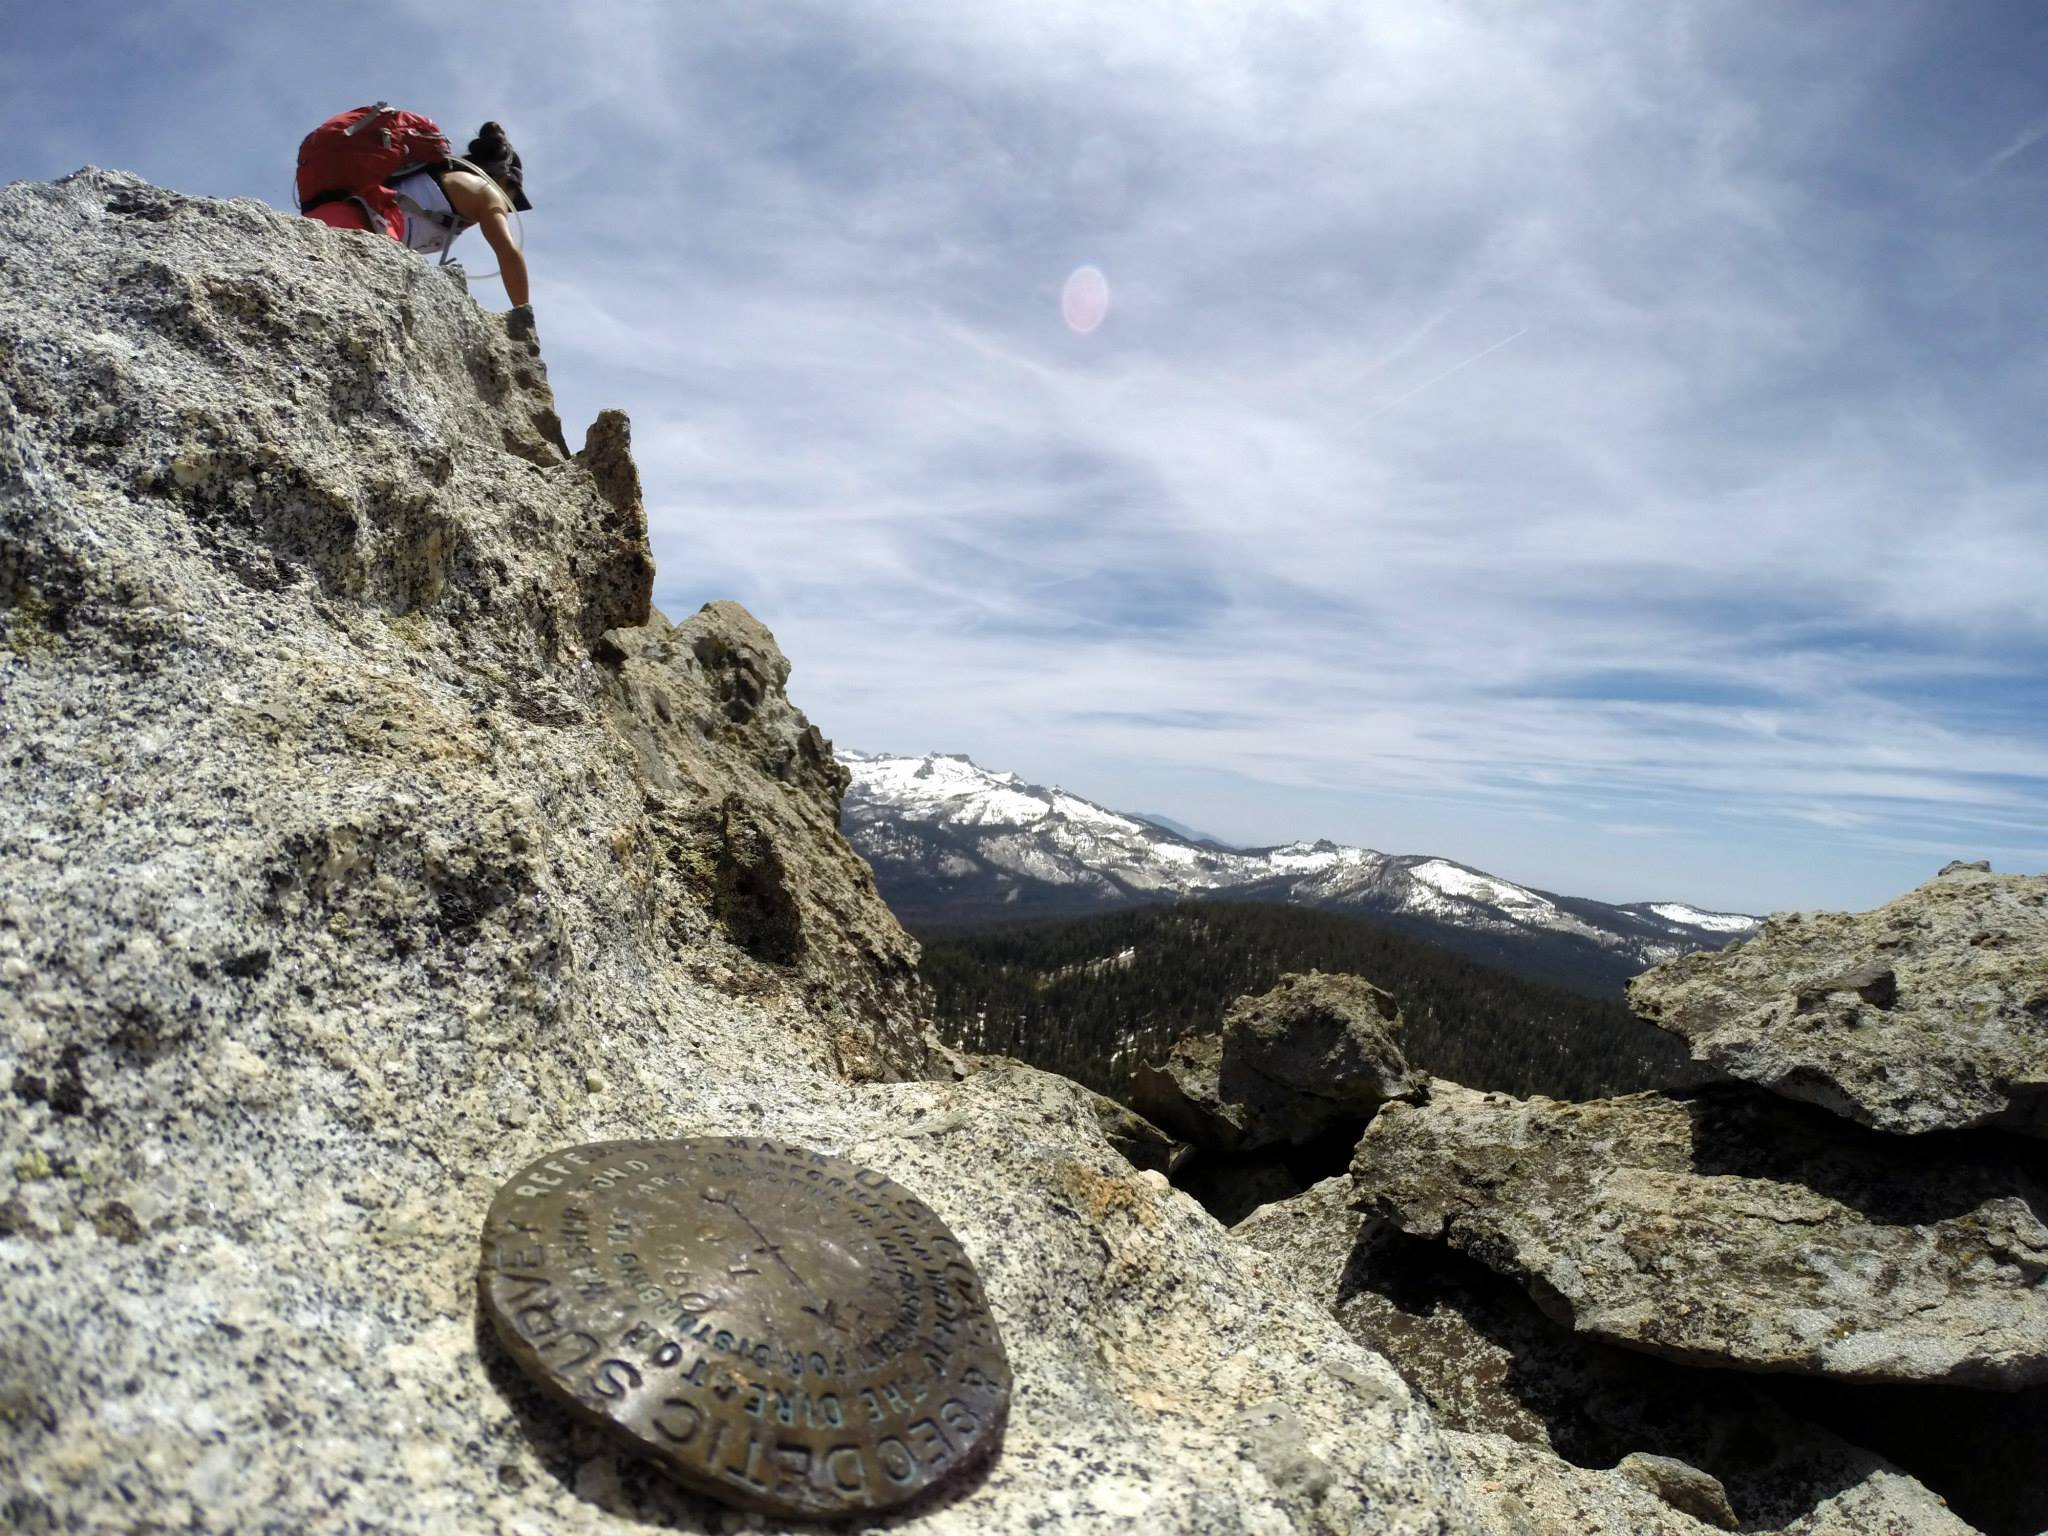 A shot Ed took of me at the peak